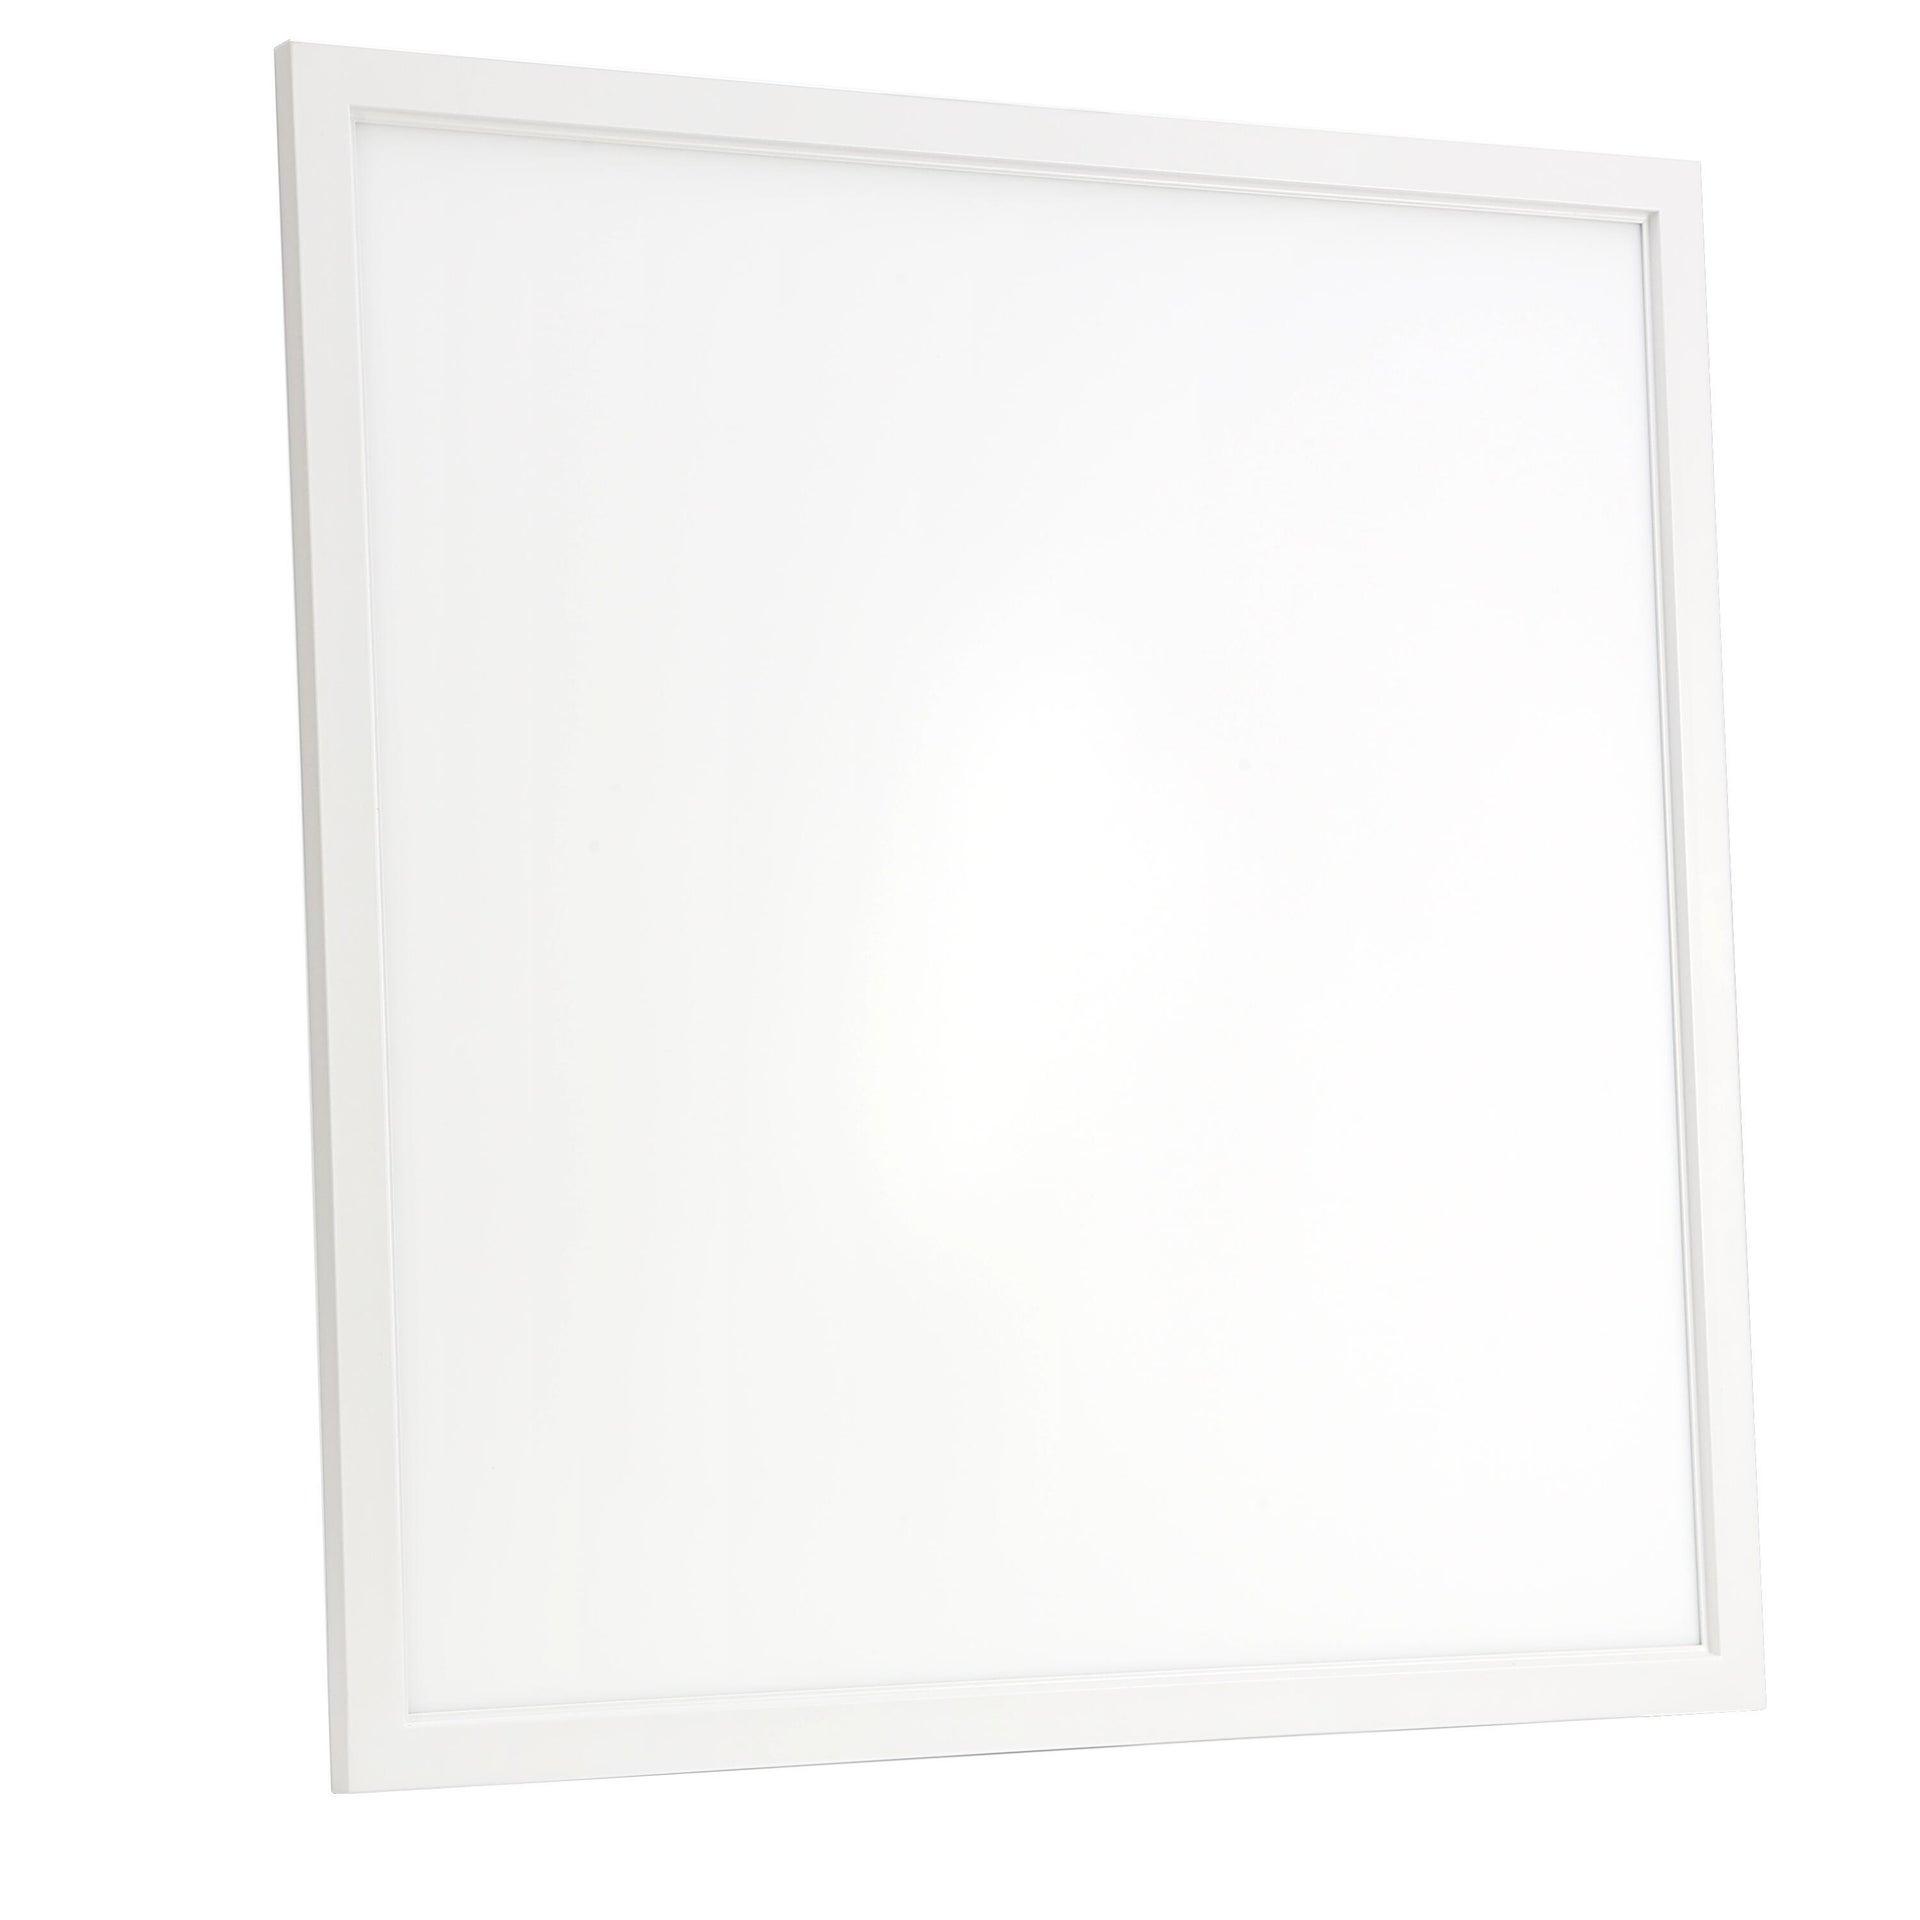 Pannello led Anvik 60x60 cm bianco naturale, 4000LM INSPIRE - 2